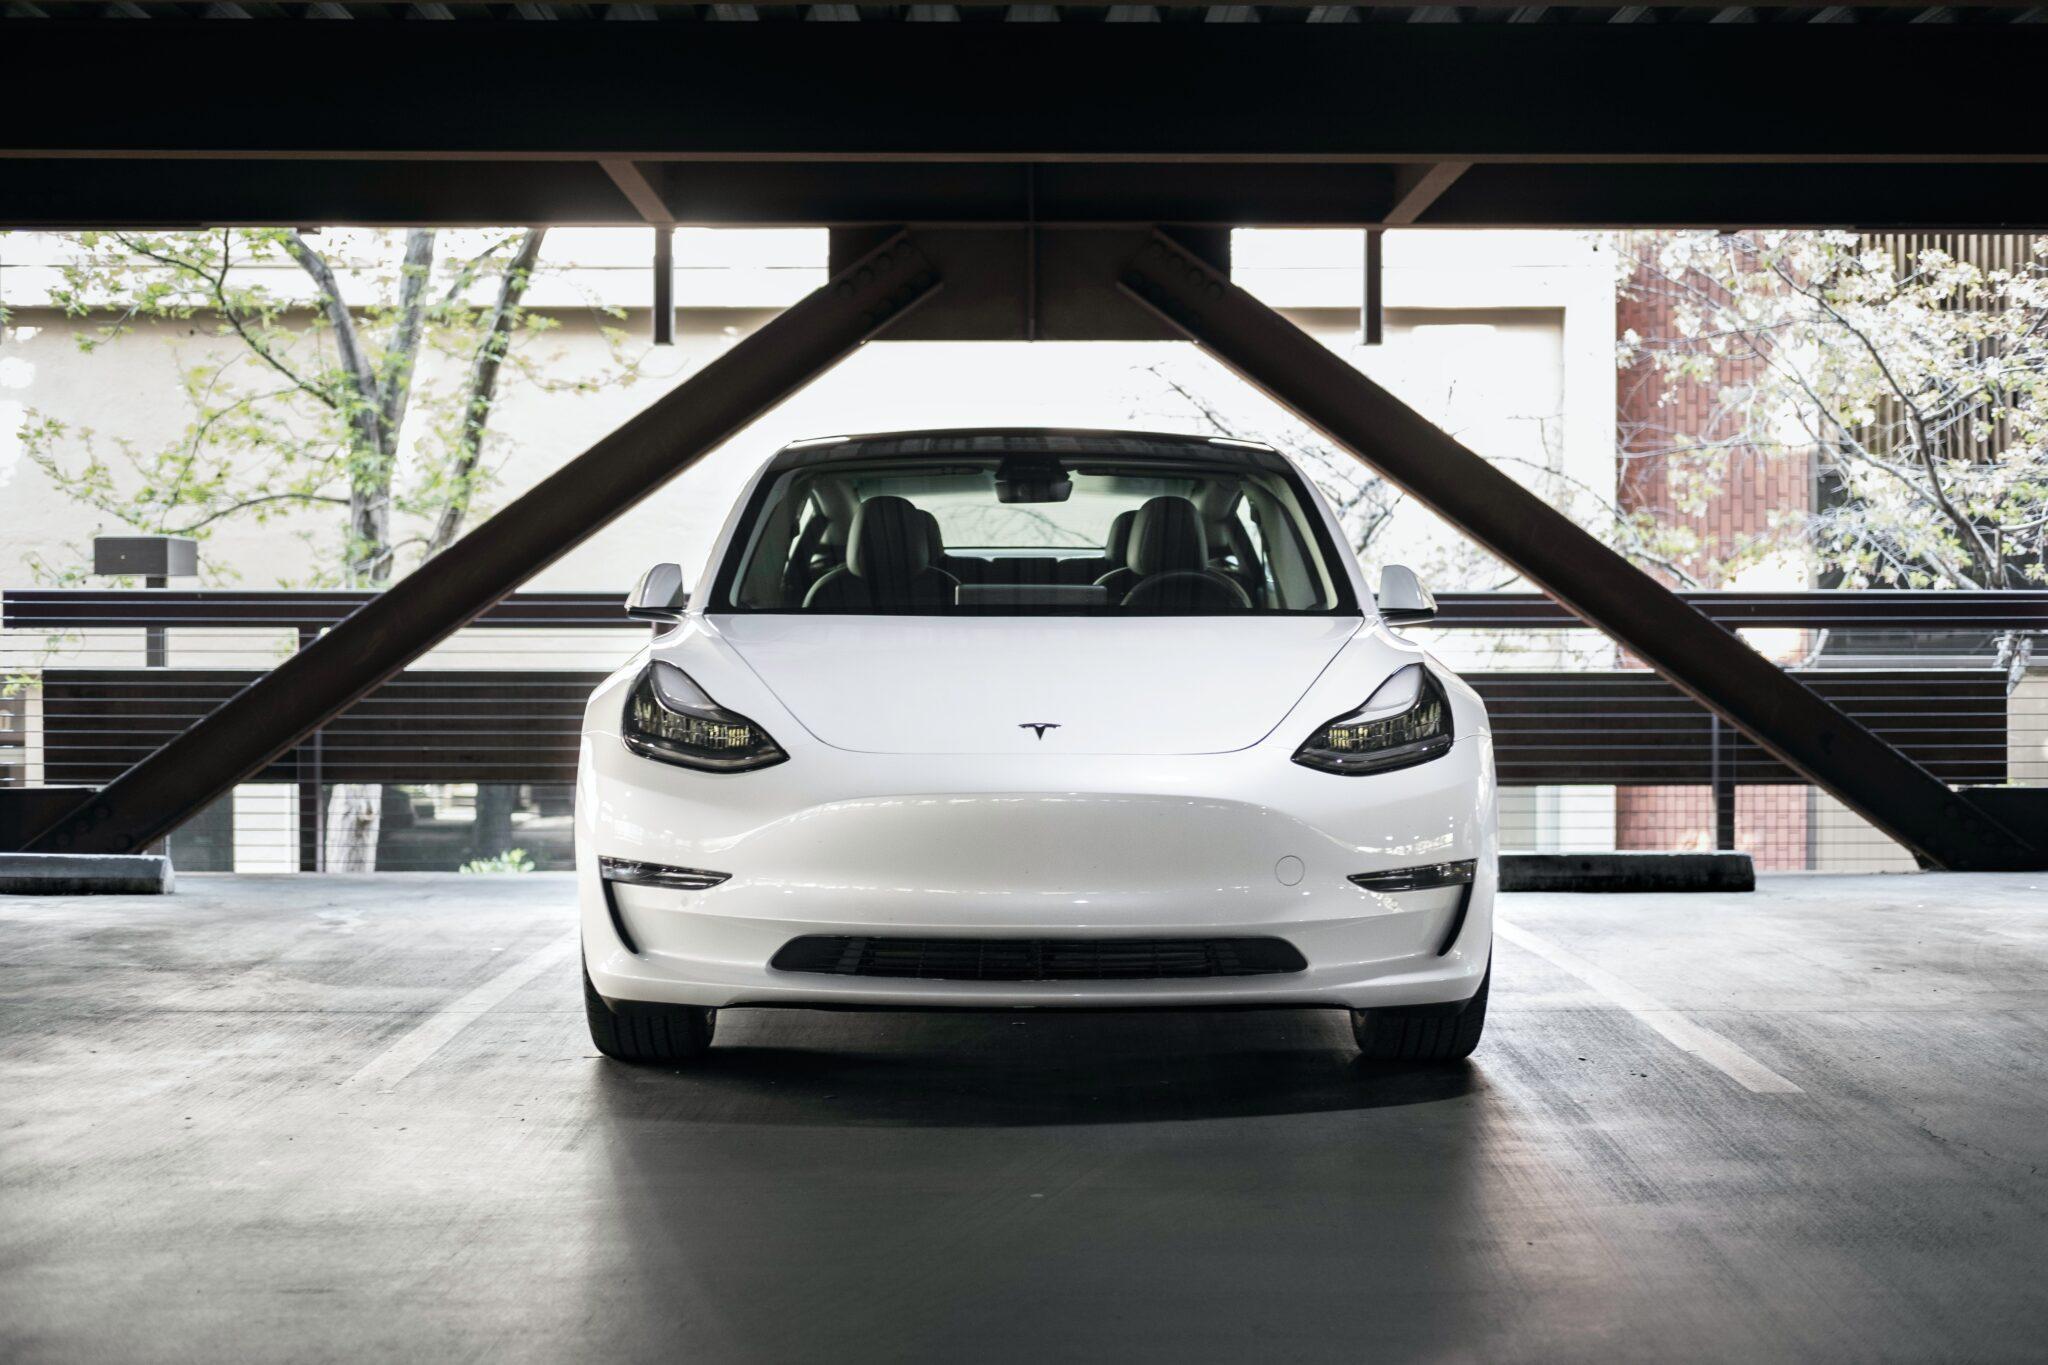 Weisser Tesla von vorne betrachtet in einem Parkhaus